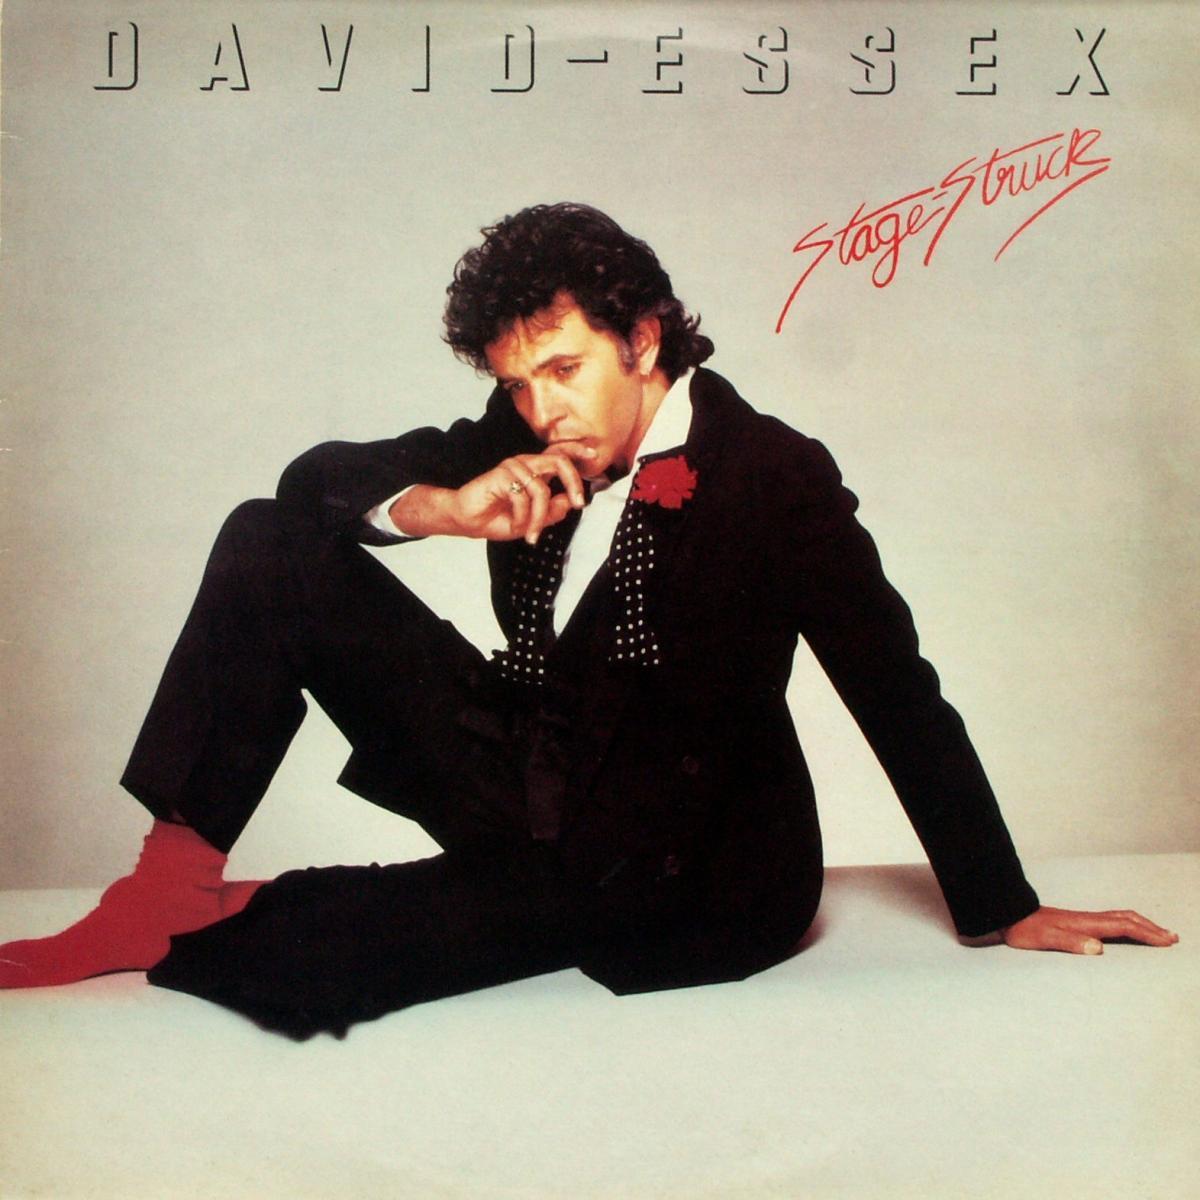 Essex, David - Stage Struck [LP]